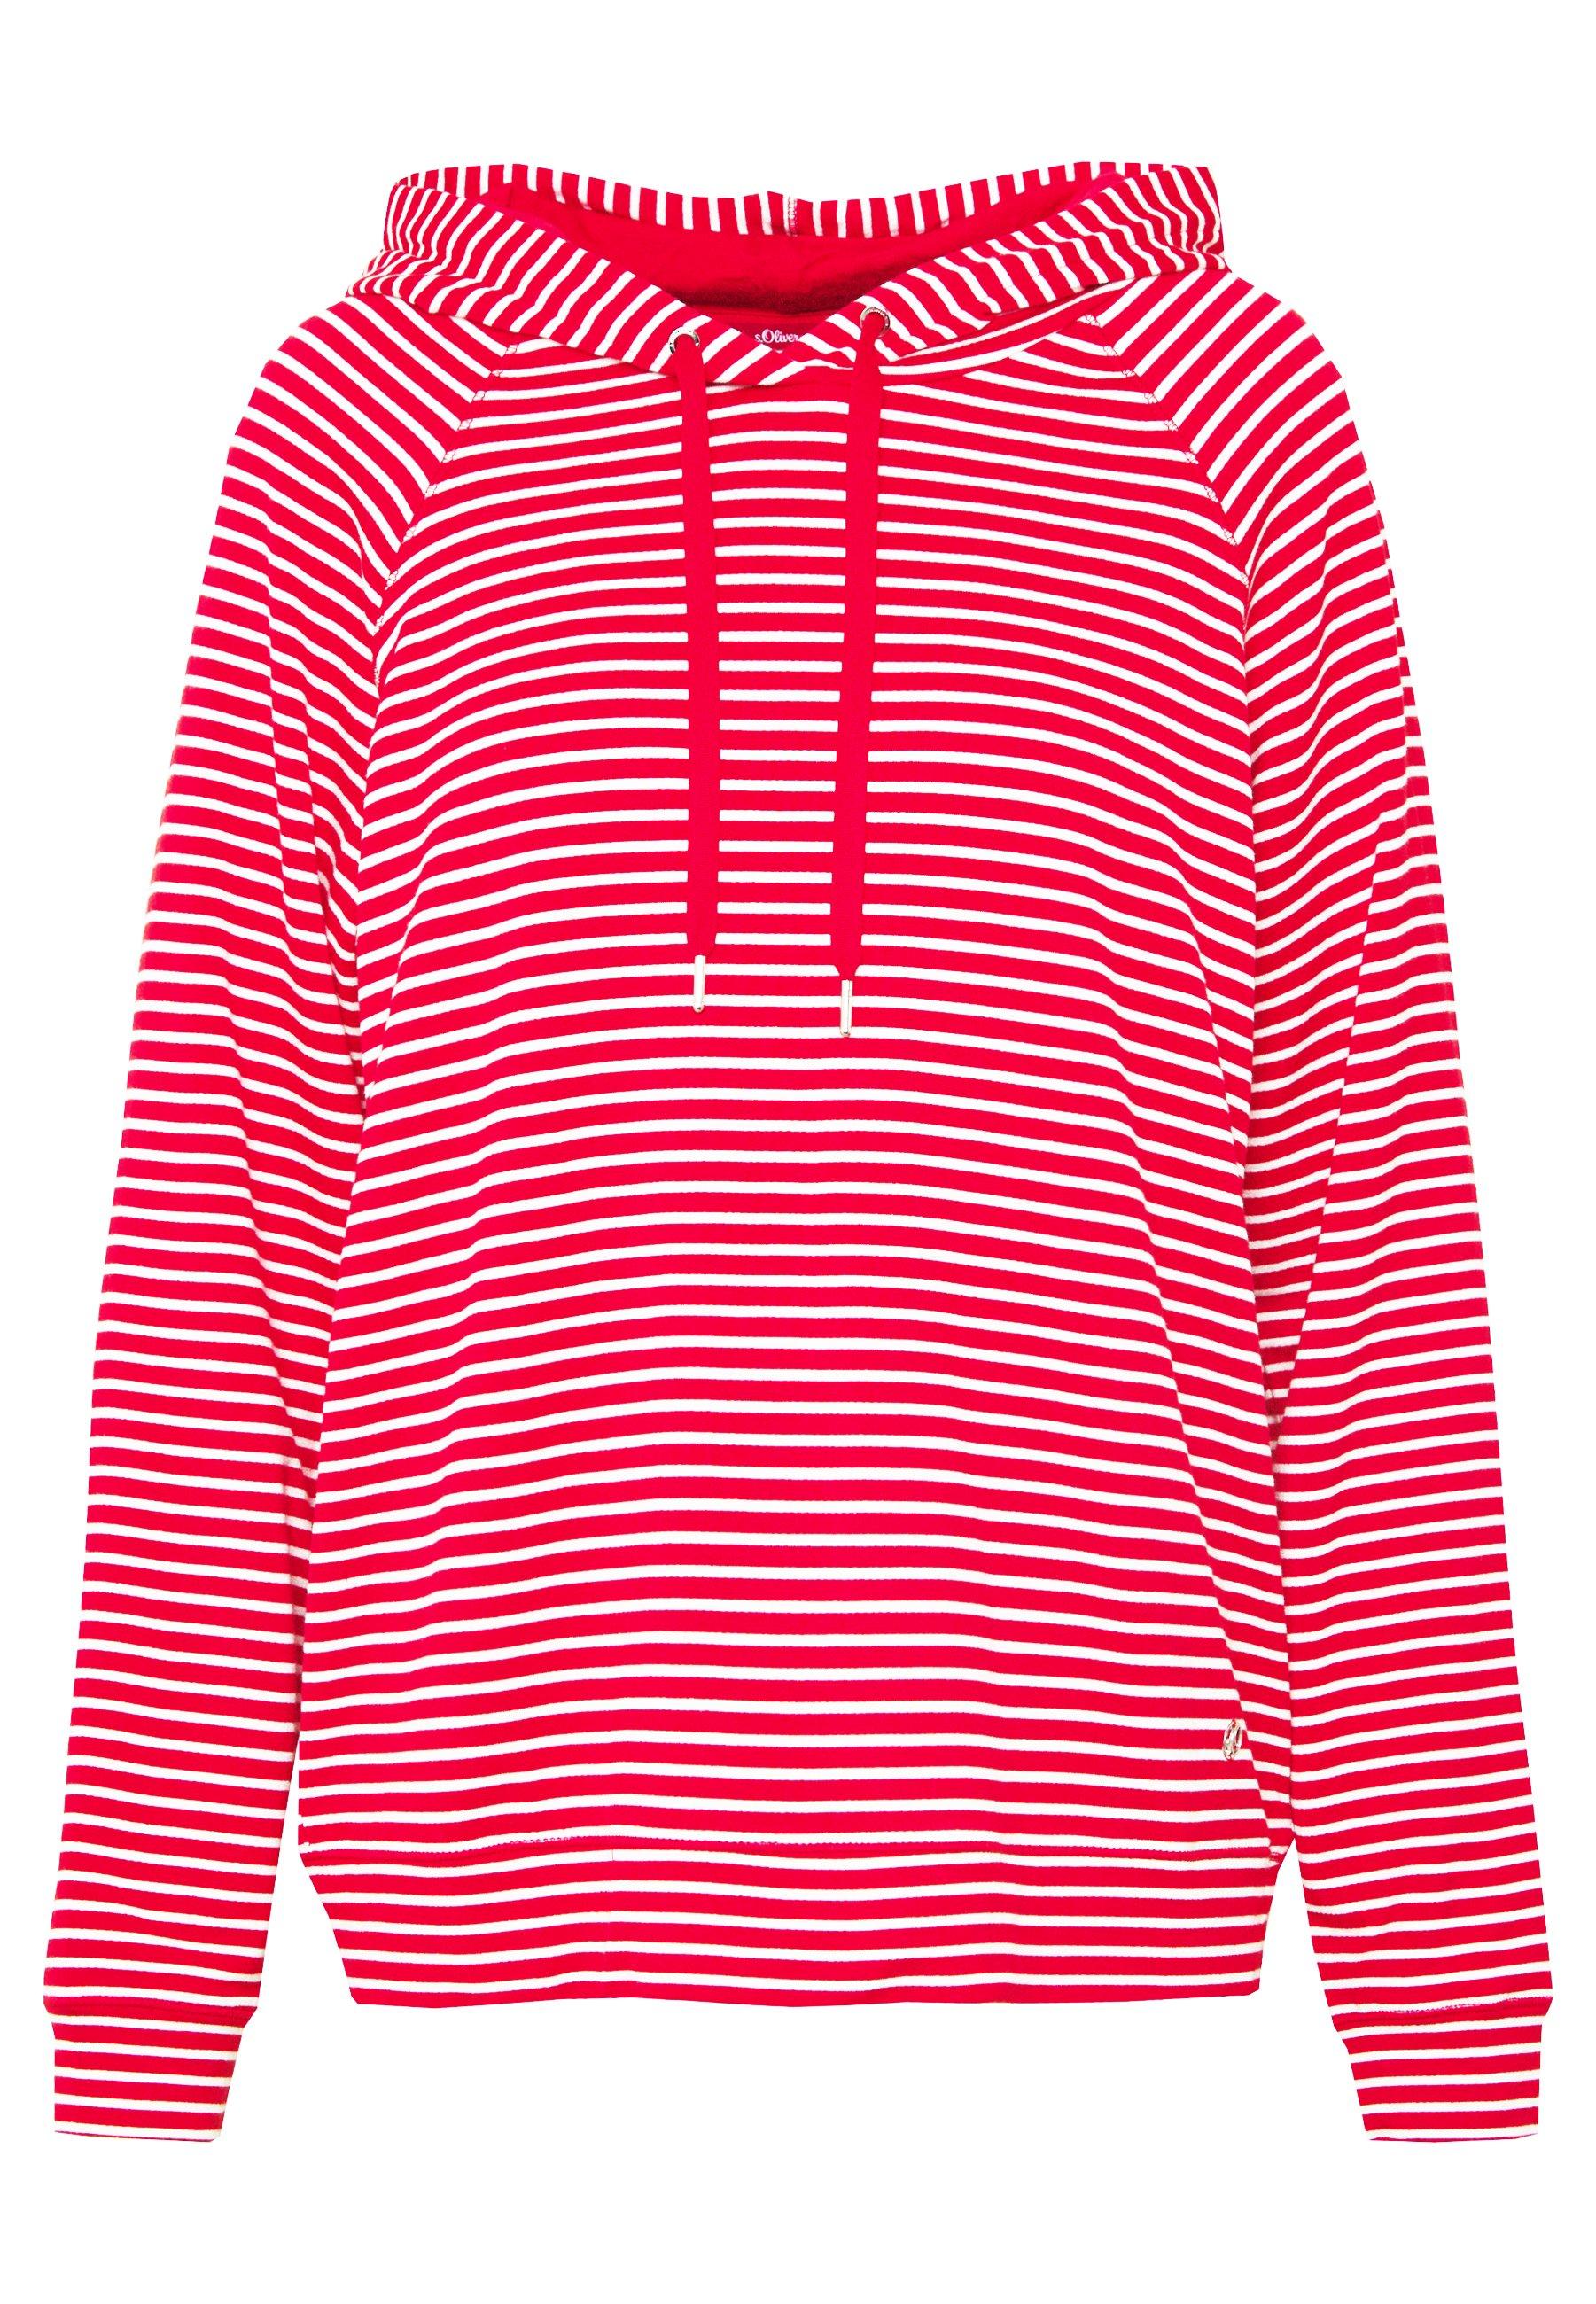 S.oliver Langarm - Luvtröja Red